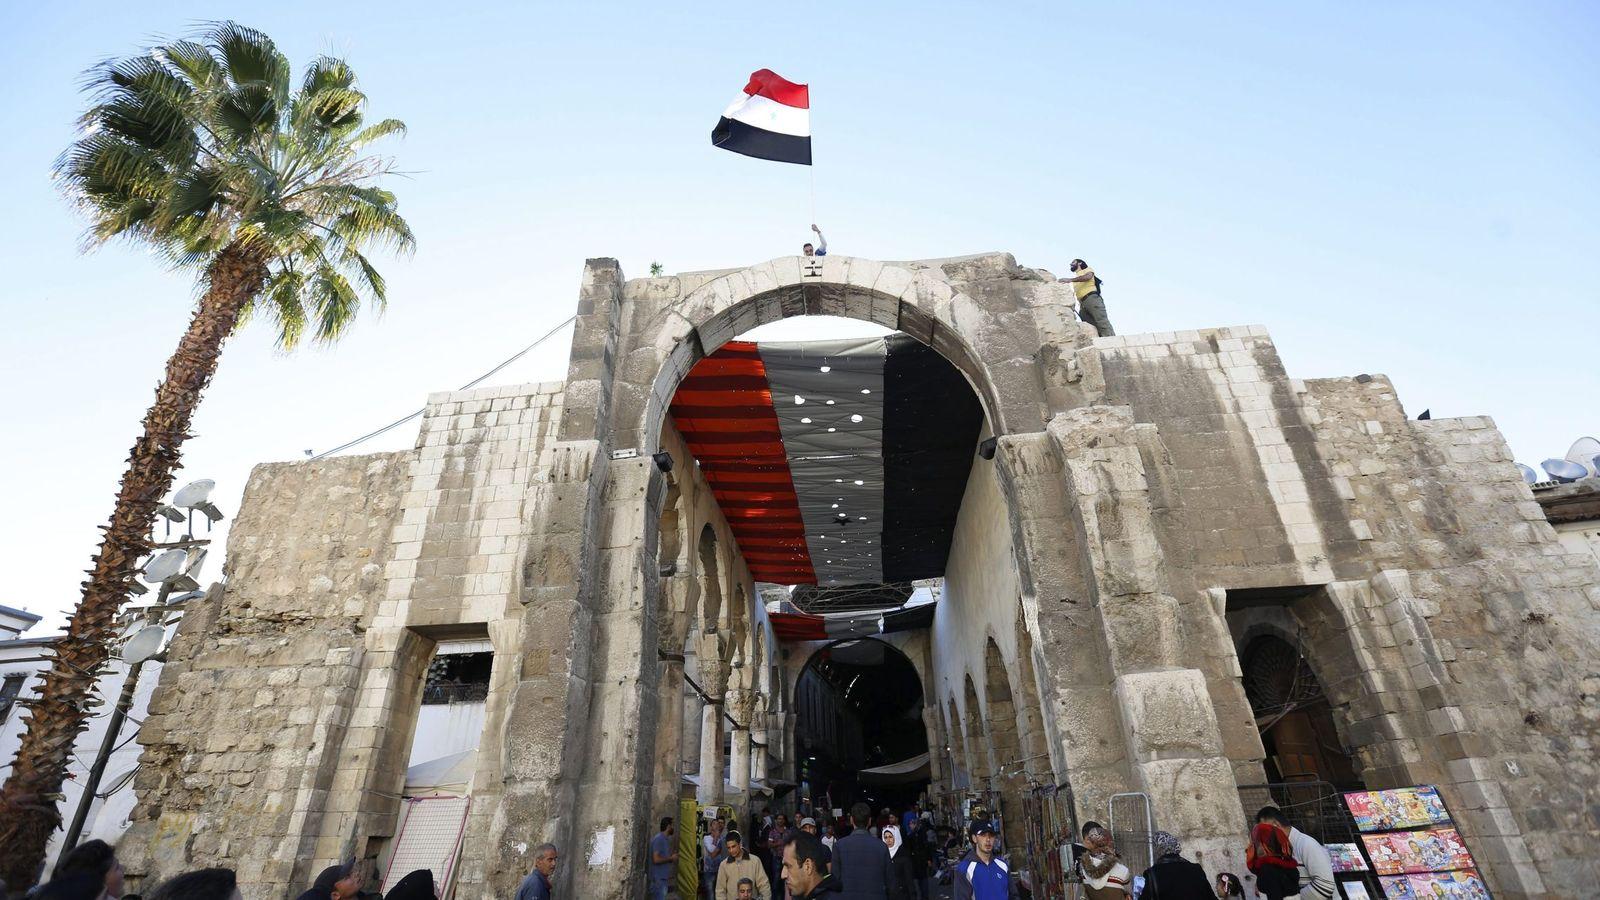 Foto: Campaña del Ministerio de Turismo de Siria para impulsar la llegada de viajeros al país   Foto: EFE